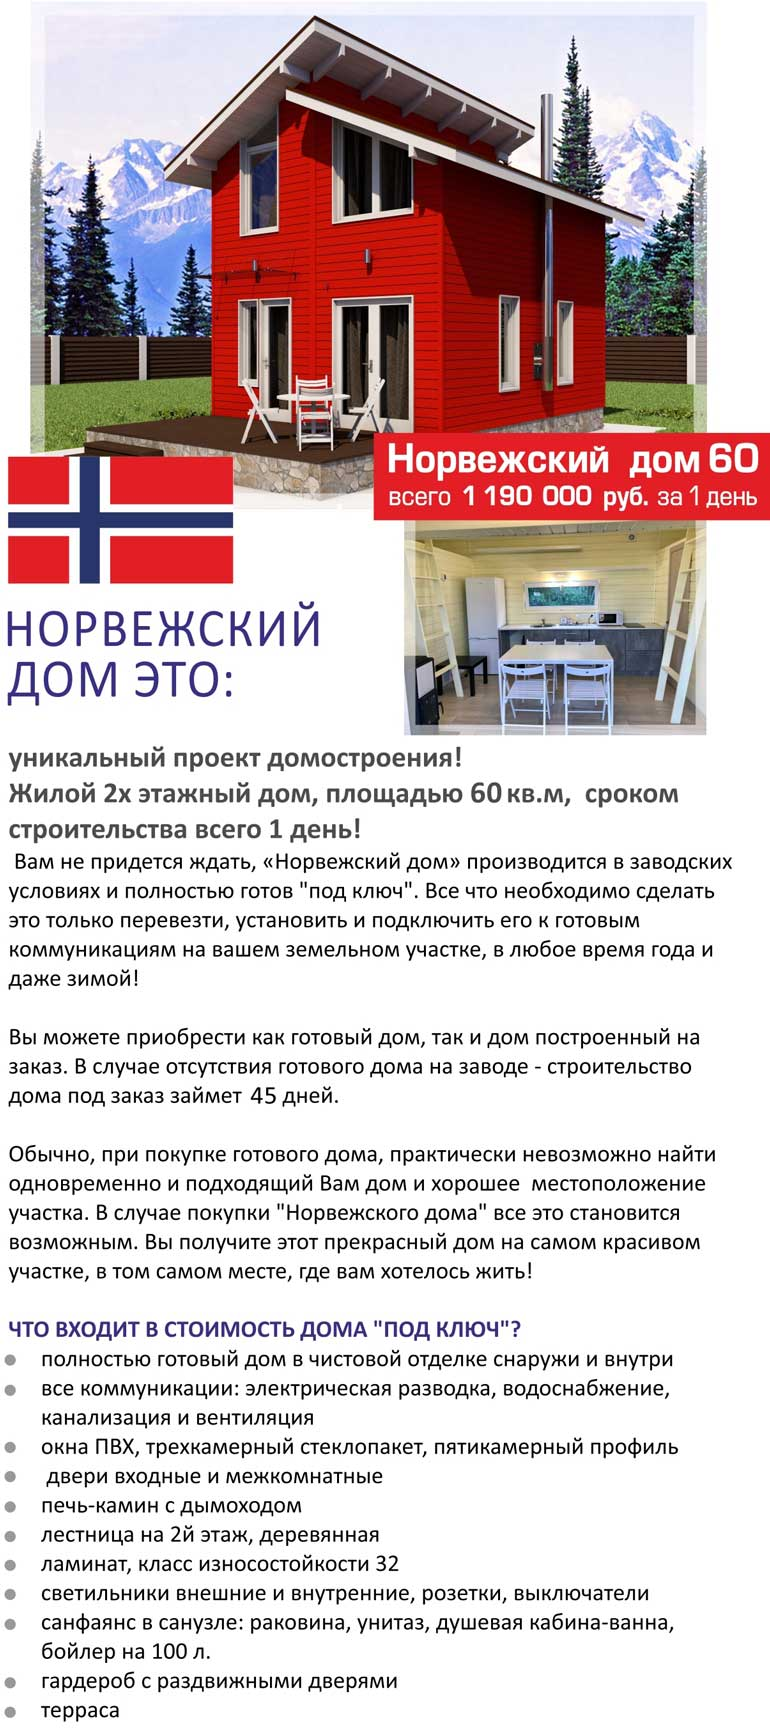 norvezhskiy-dom-60-skandis-za-1-den